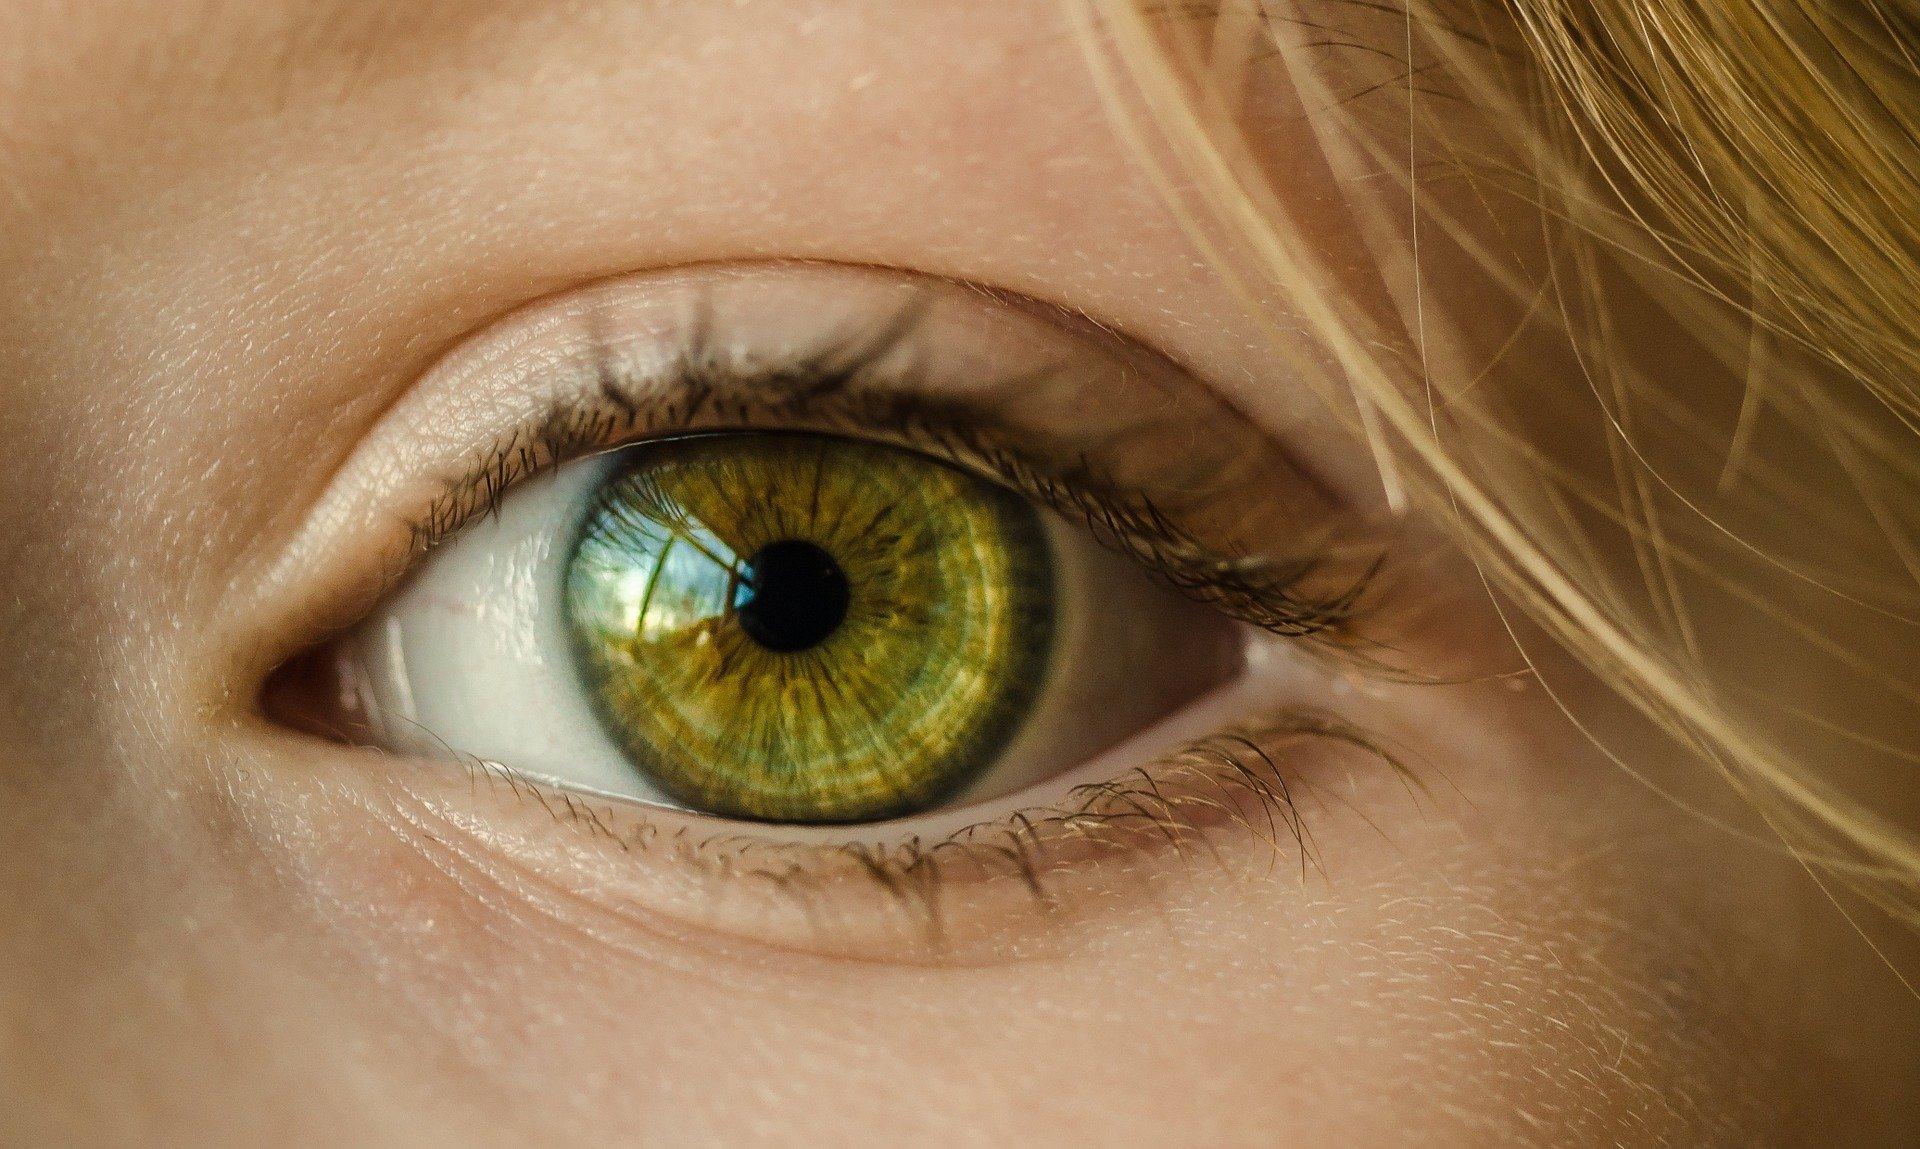 Врач рассказала о влиянии коронавируса на зрение